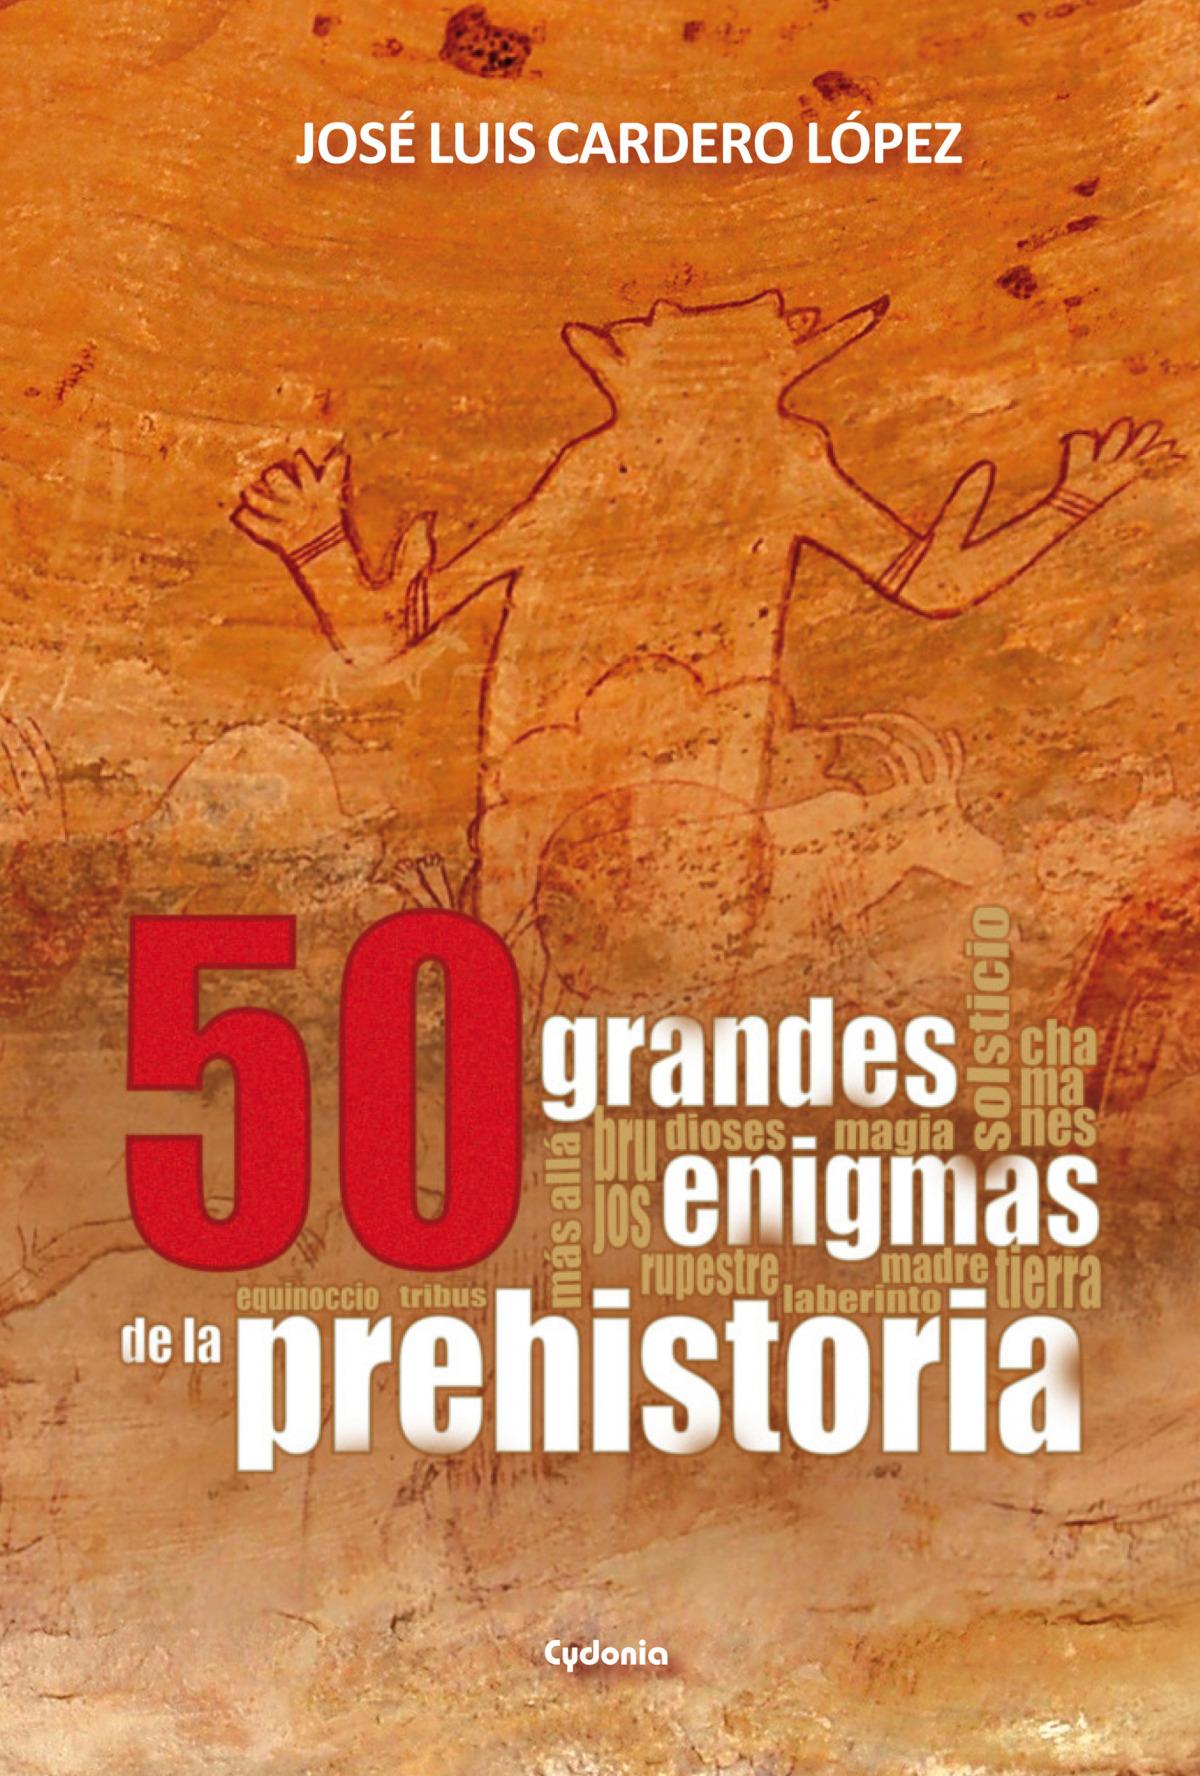 50 grandes enigmas de la prehistoria 9788494508400